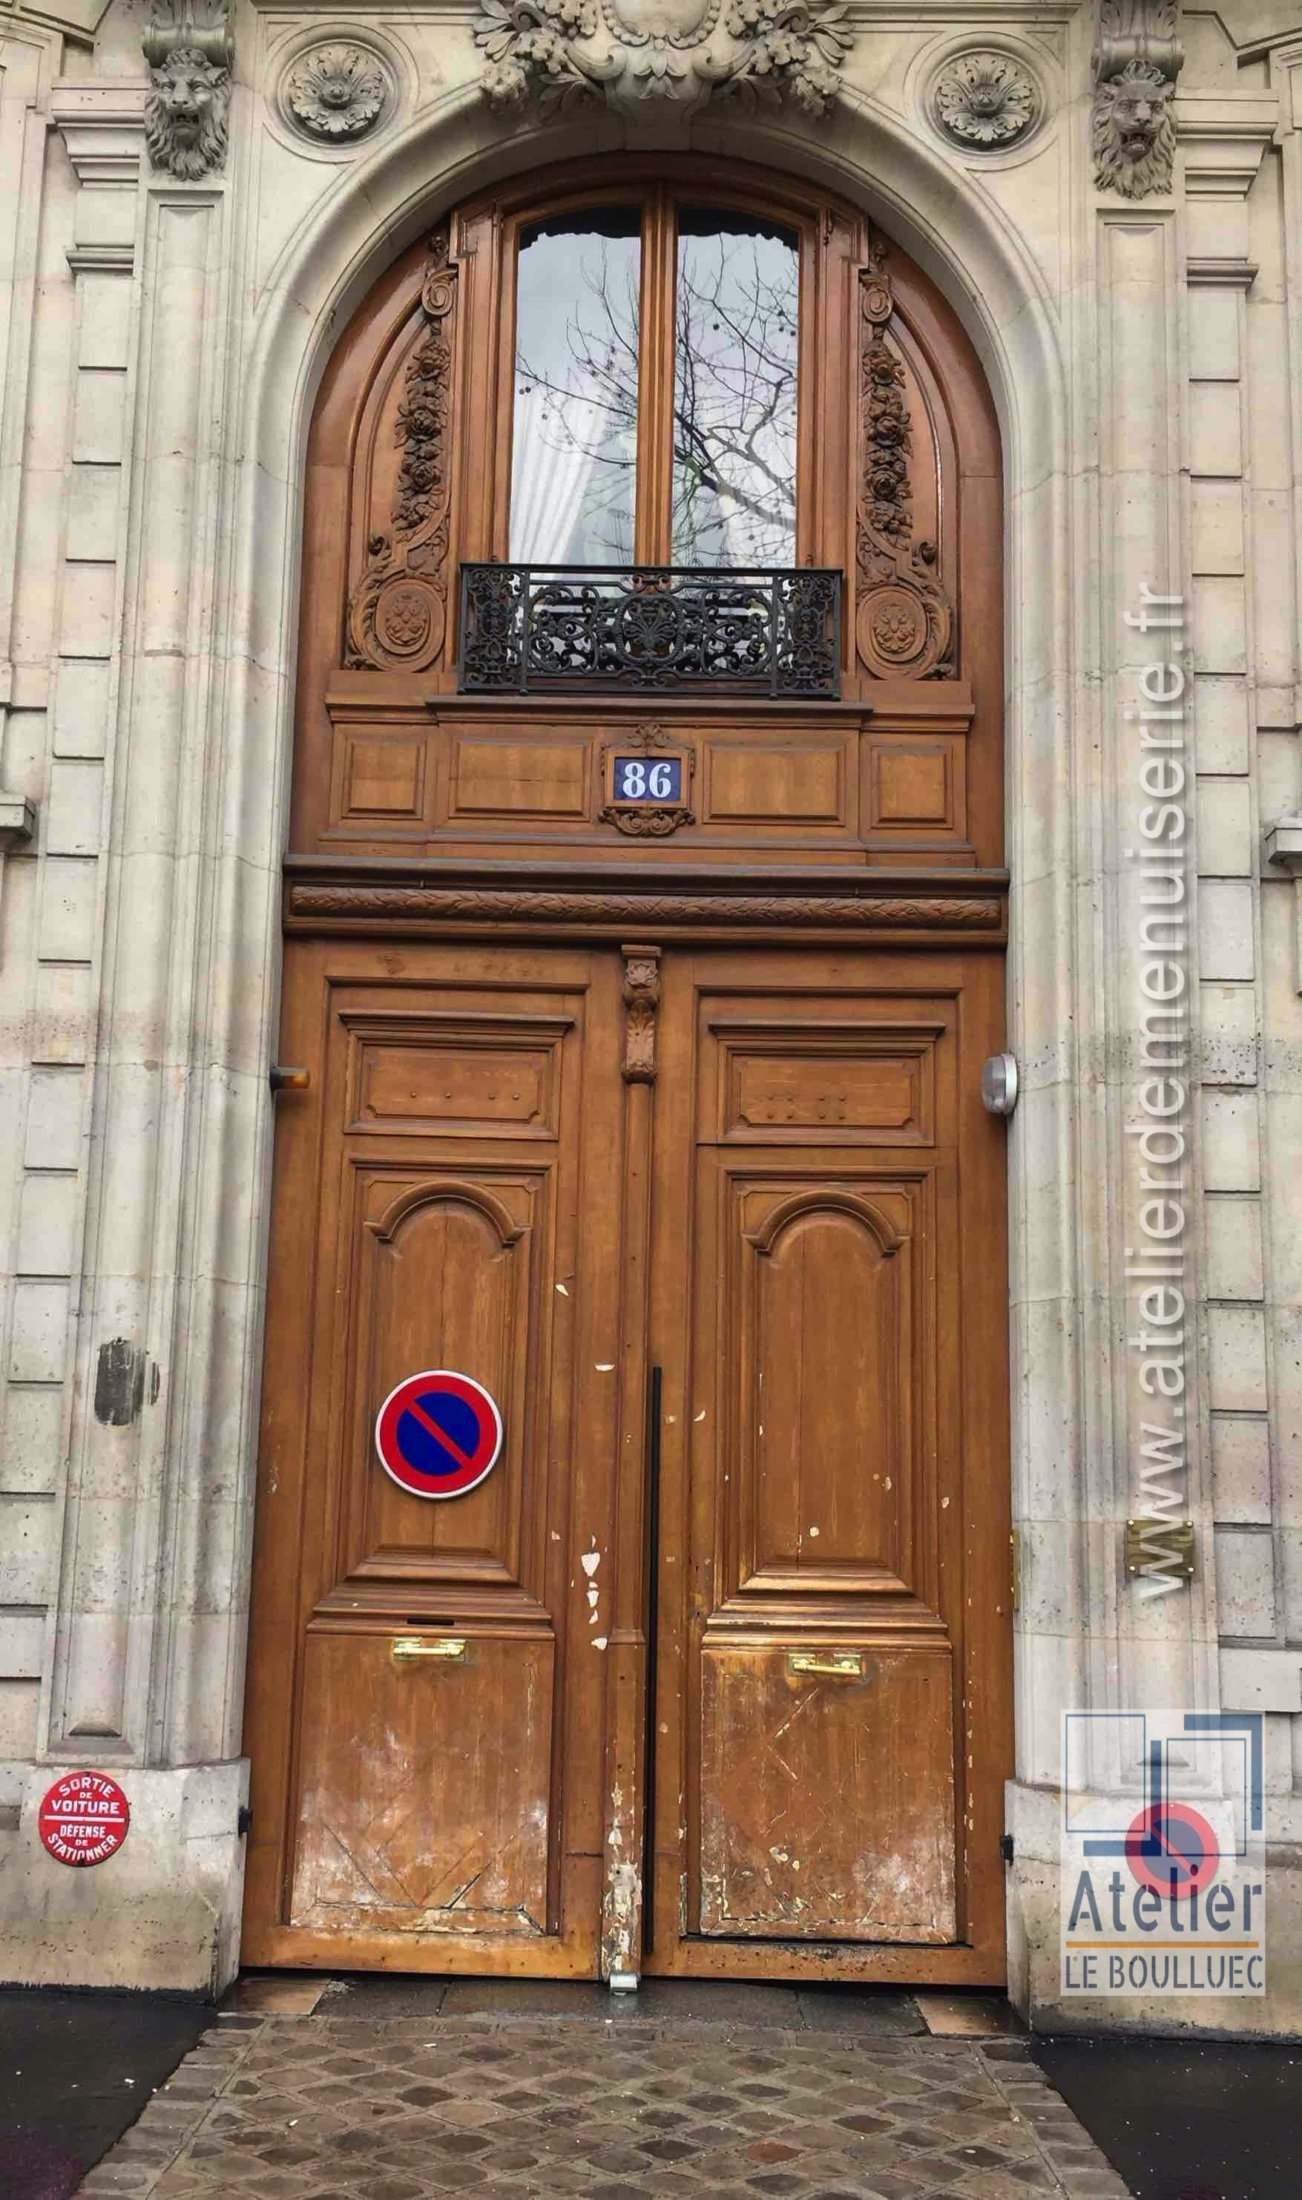 2020 10 Porte Cochère 86 Bd Malsherbes Avant Travaux